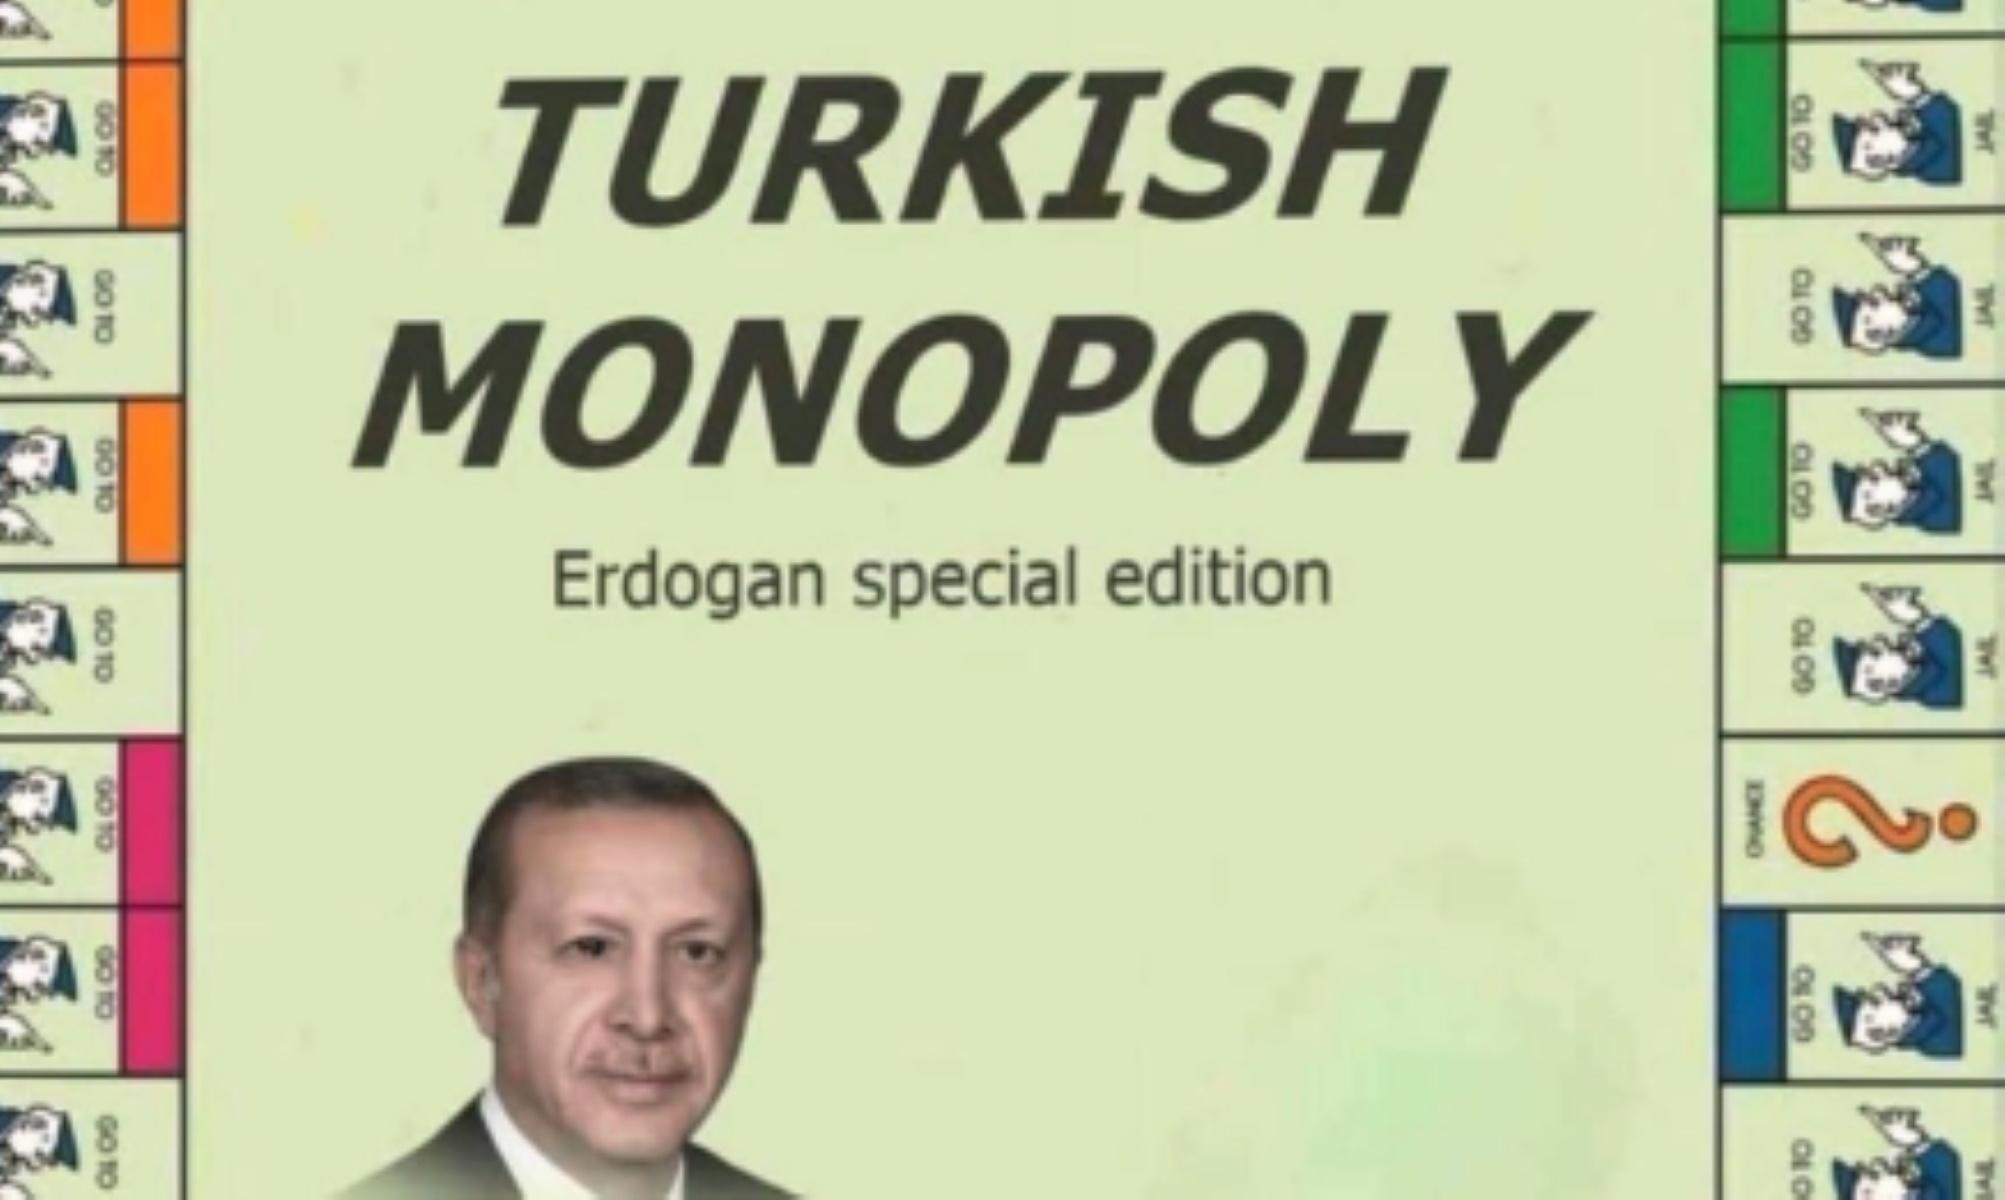 """""""Άγριο"""" τρολάρισμα Καντέρ σε Ερντογάν με…τουρκική Monopoly (pic)"""